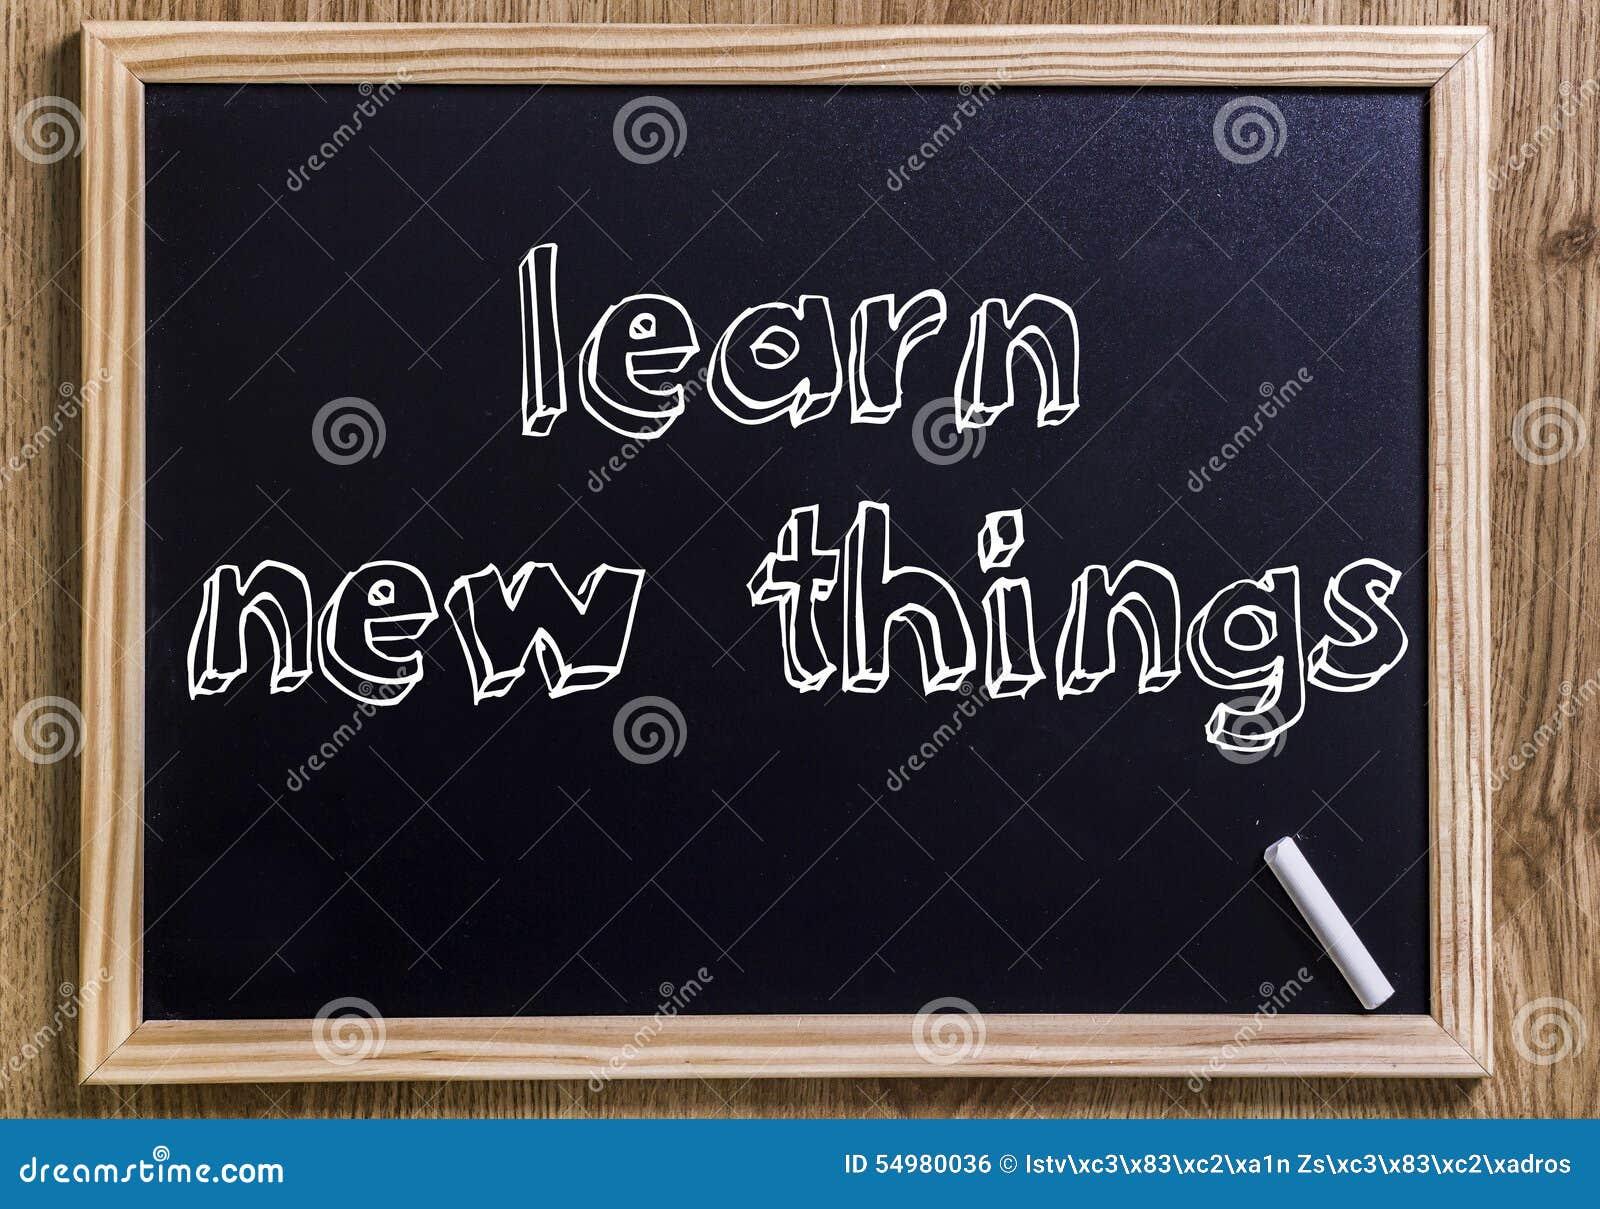 Leer nieuwe dingen